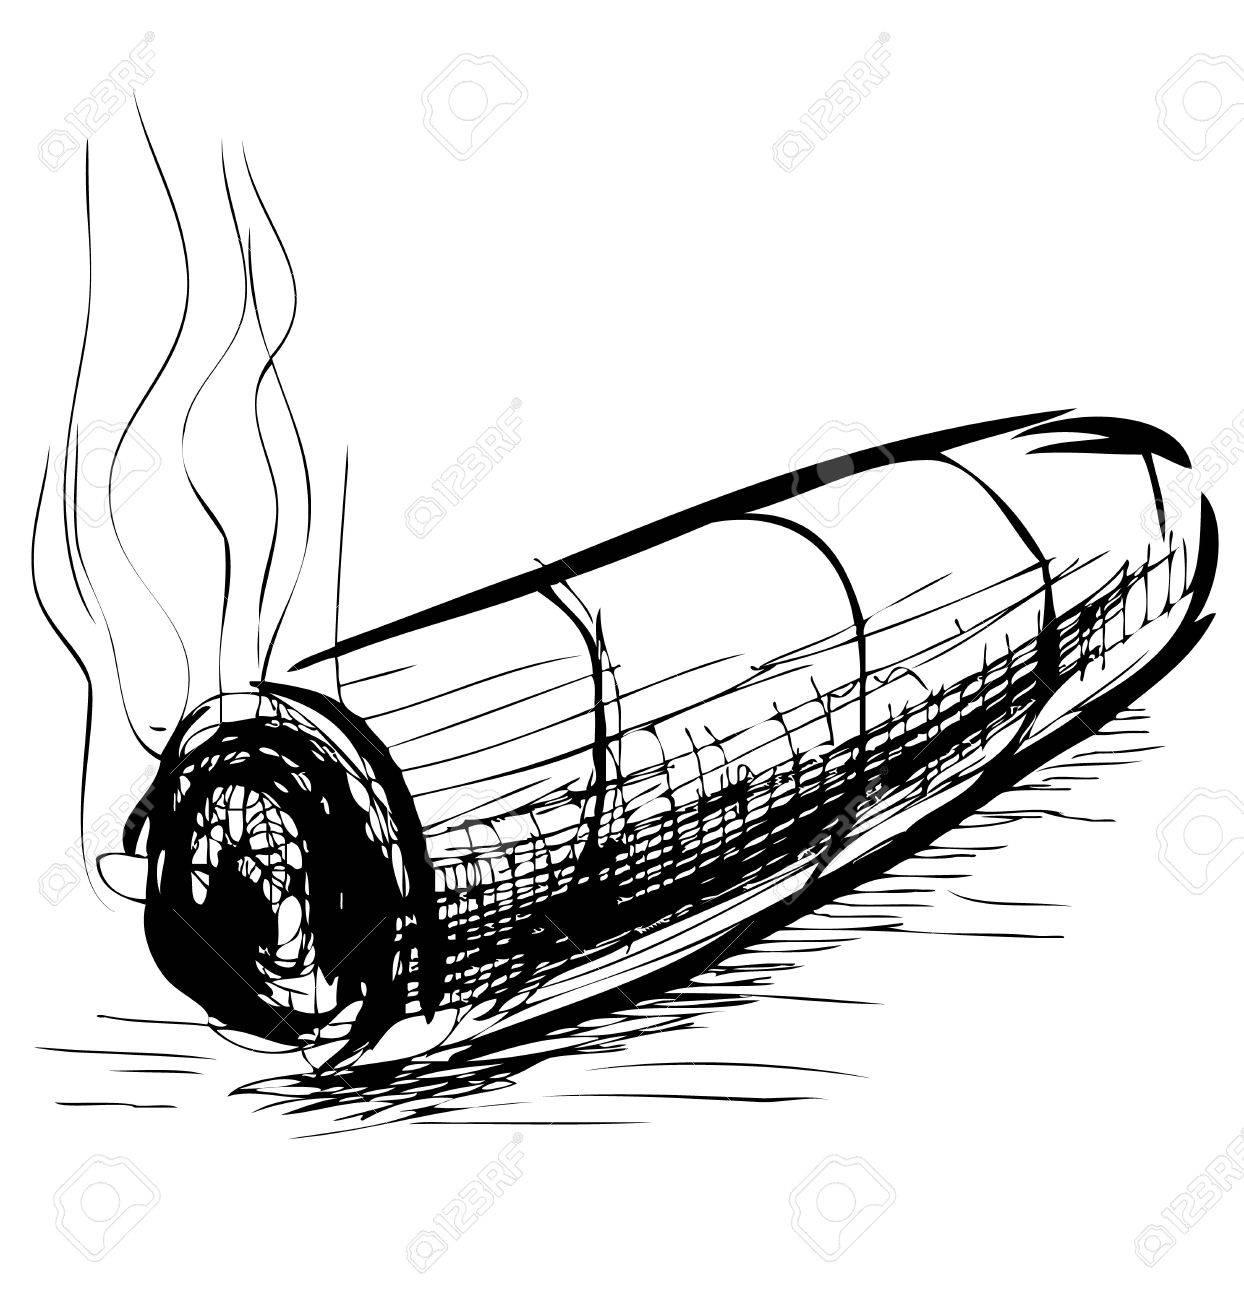 Lighting cigar sketch vector illustration Stock Vector - 18031104